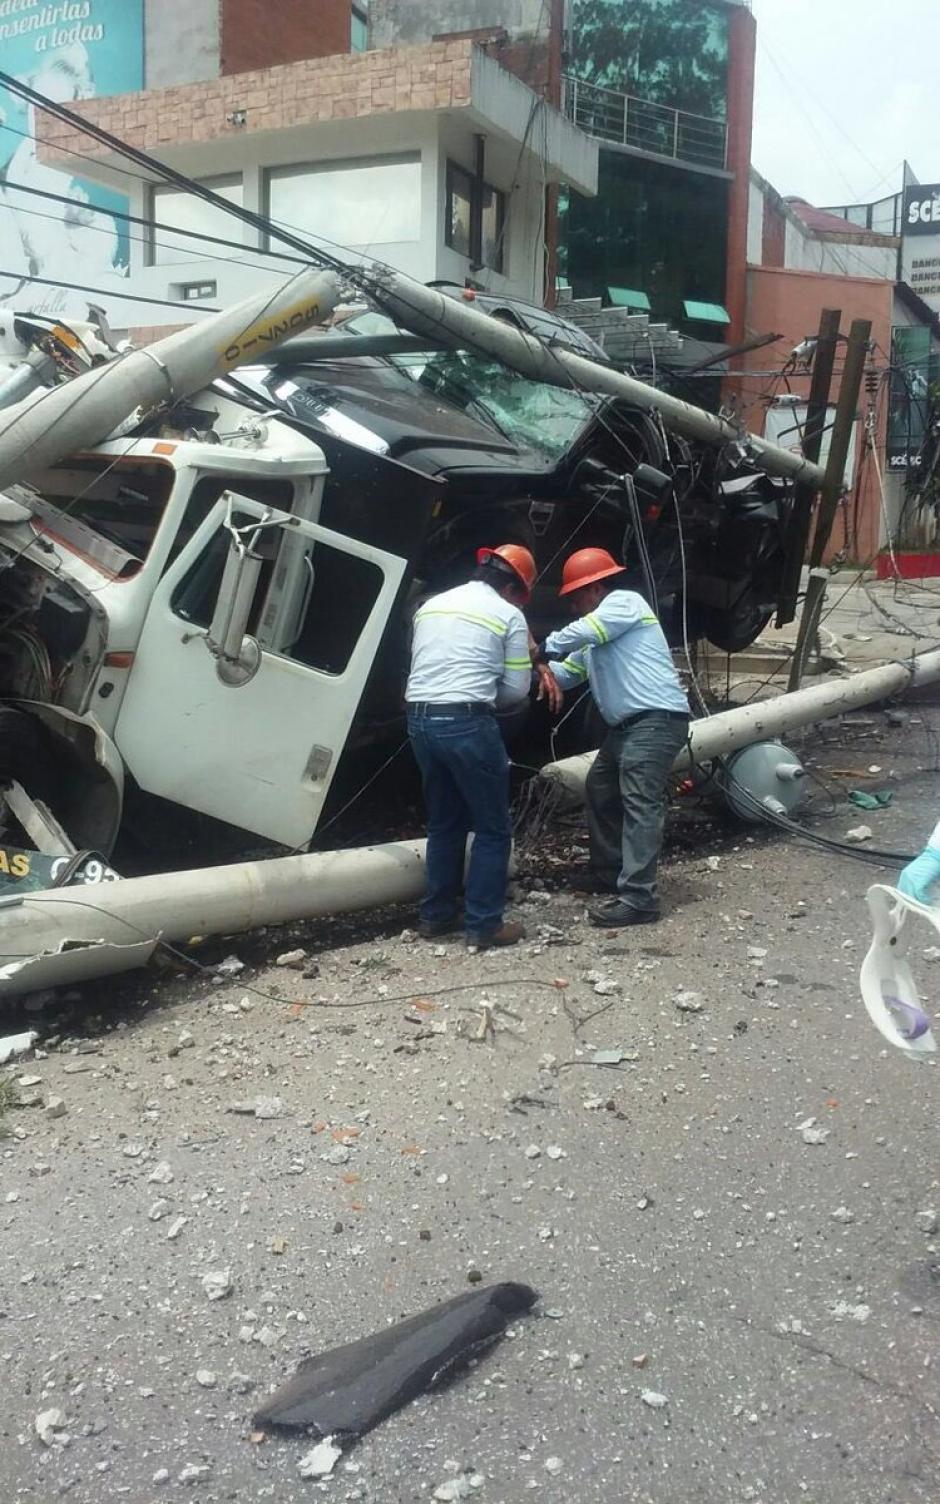 El piloto sufrió heridas leves, informaron los socorristas. (Foto: @EmixtraPablo)